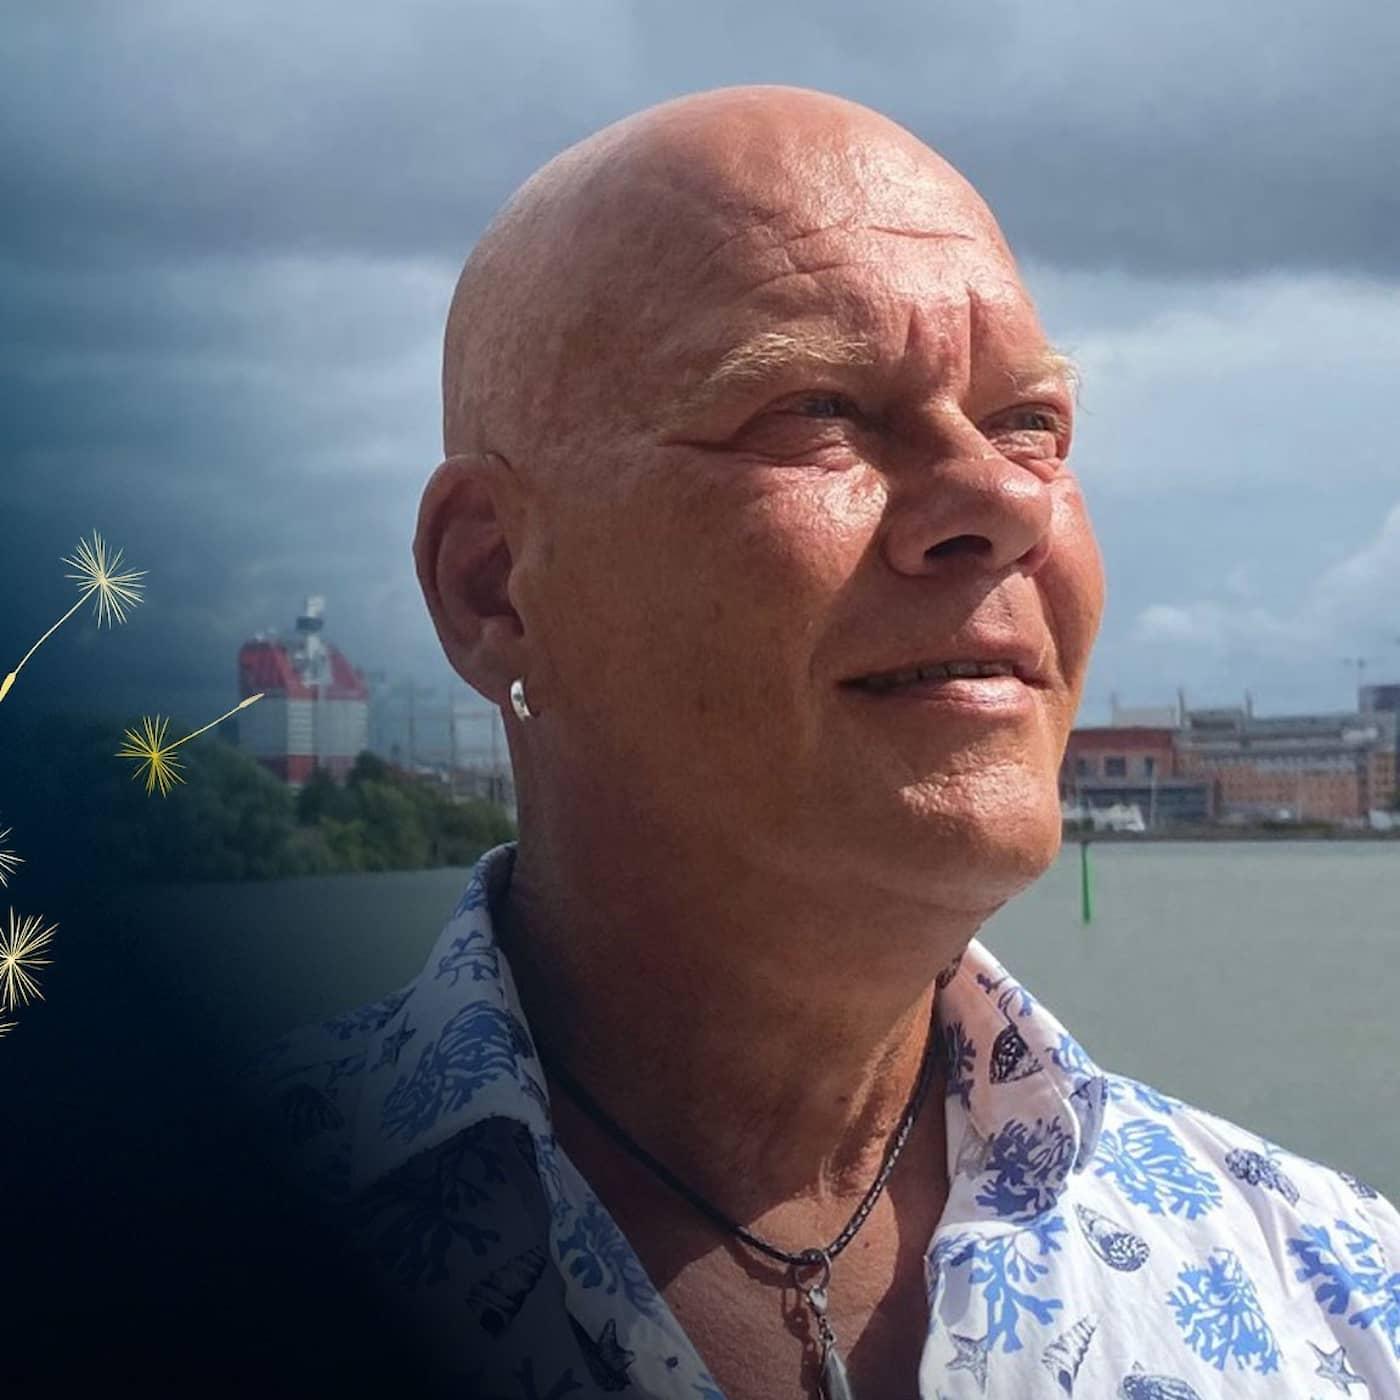 Thomas Jakobsson - Äldreomsorgen är det bästa jobb jag haft